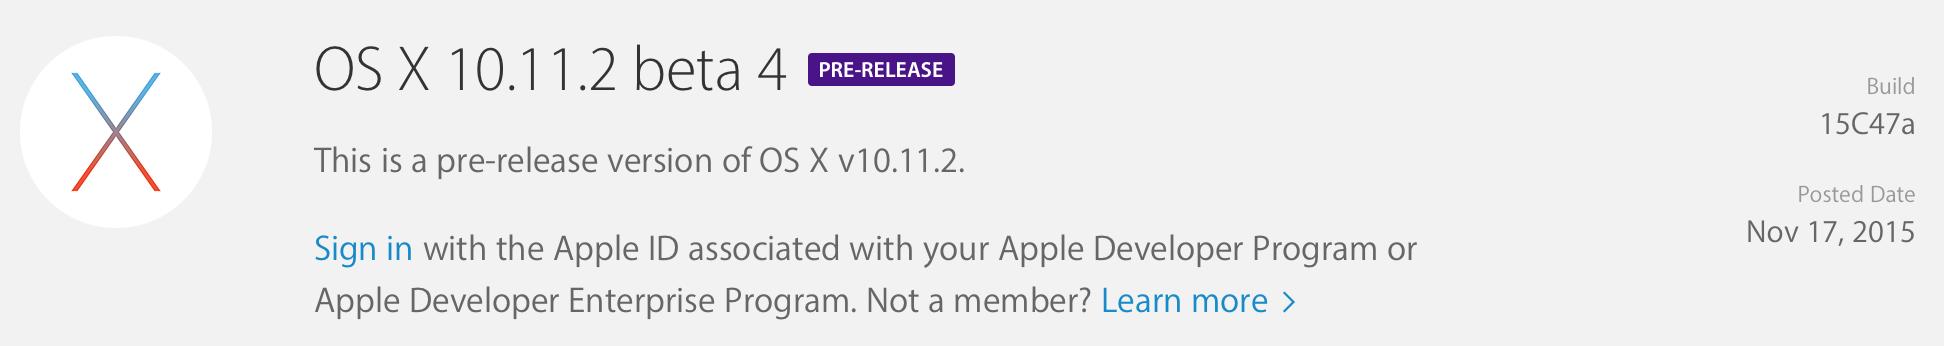 OS X Beta-Release-bildschirmfoto-2015-11-18-um-19.41.17.png